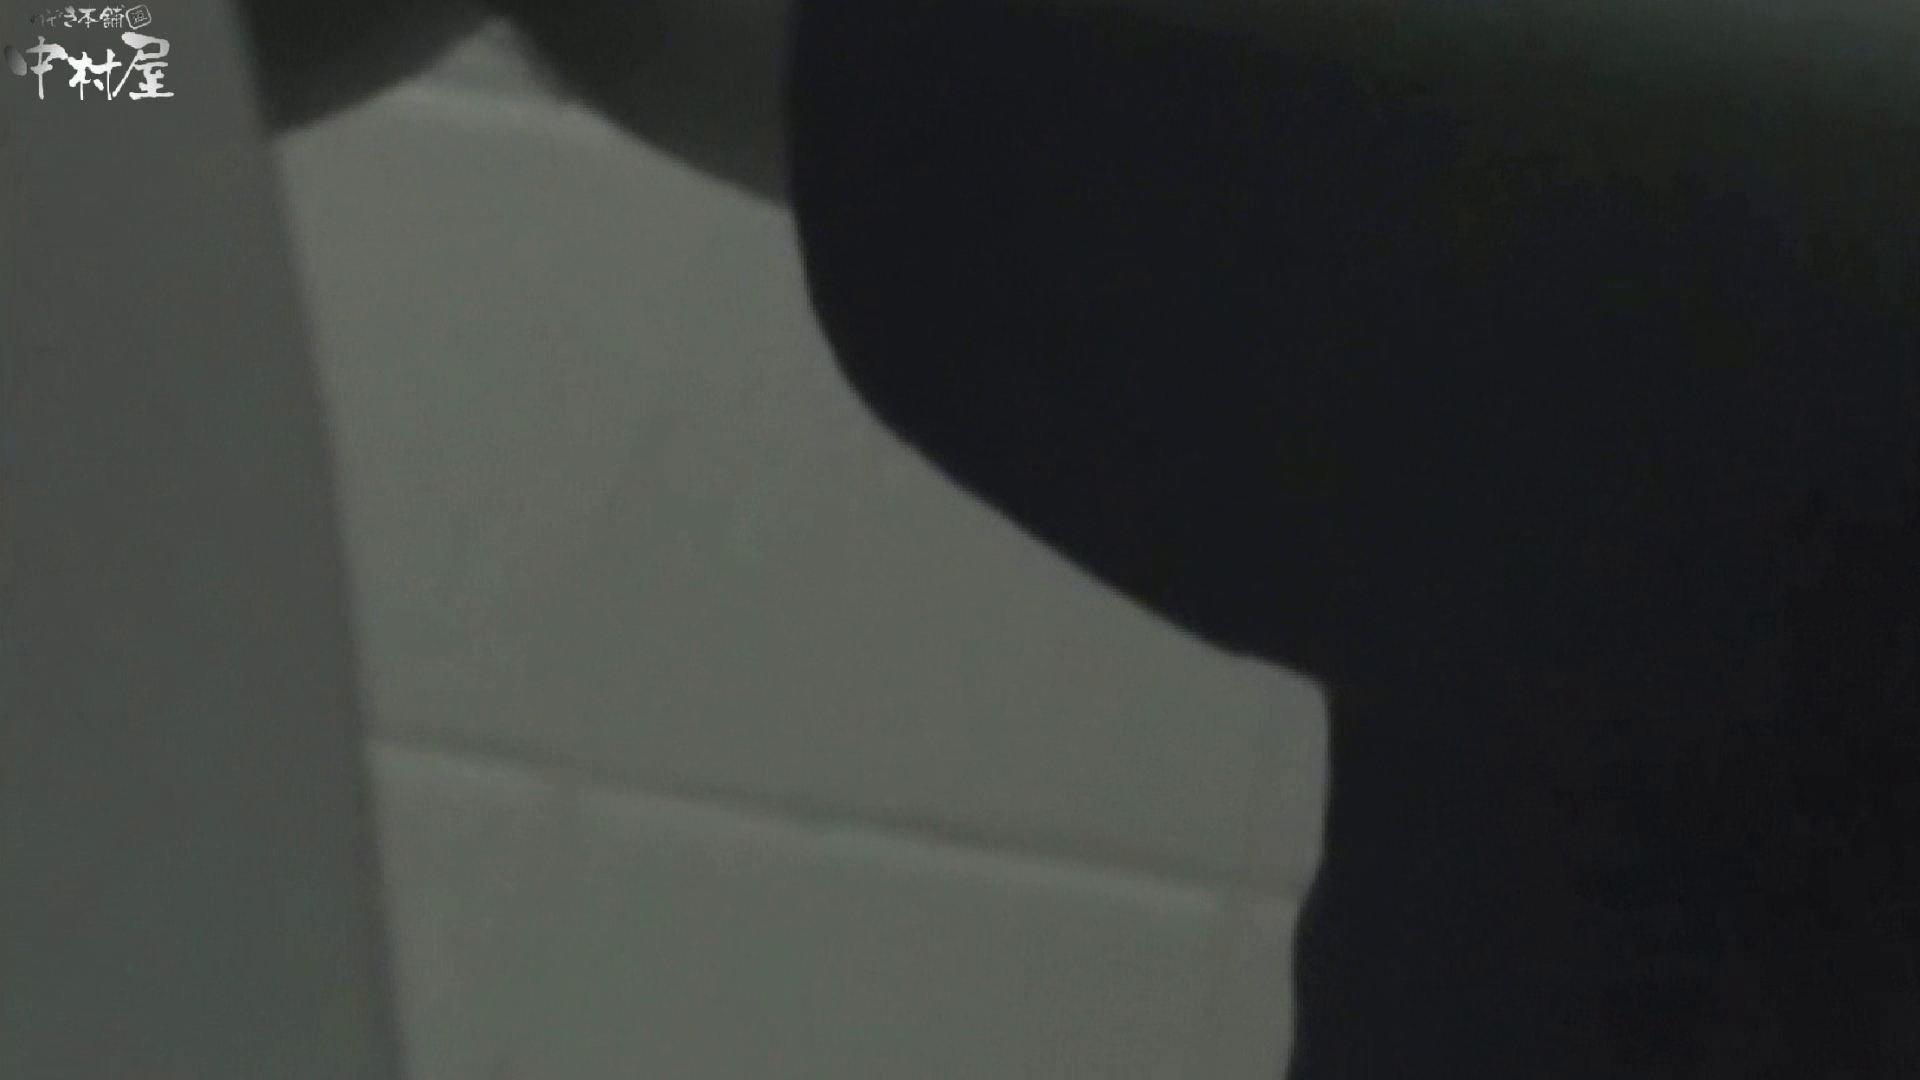 解禁!海の家4カメ洗面所vol.08 人気シリーズ | 洗面所  71pic 19